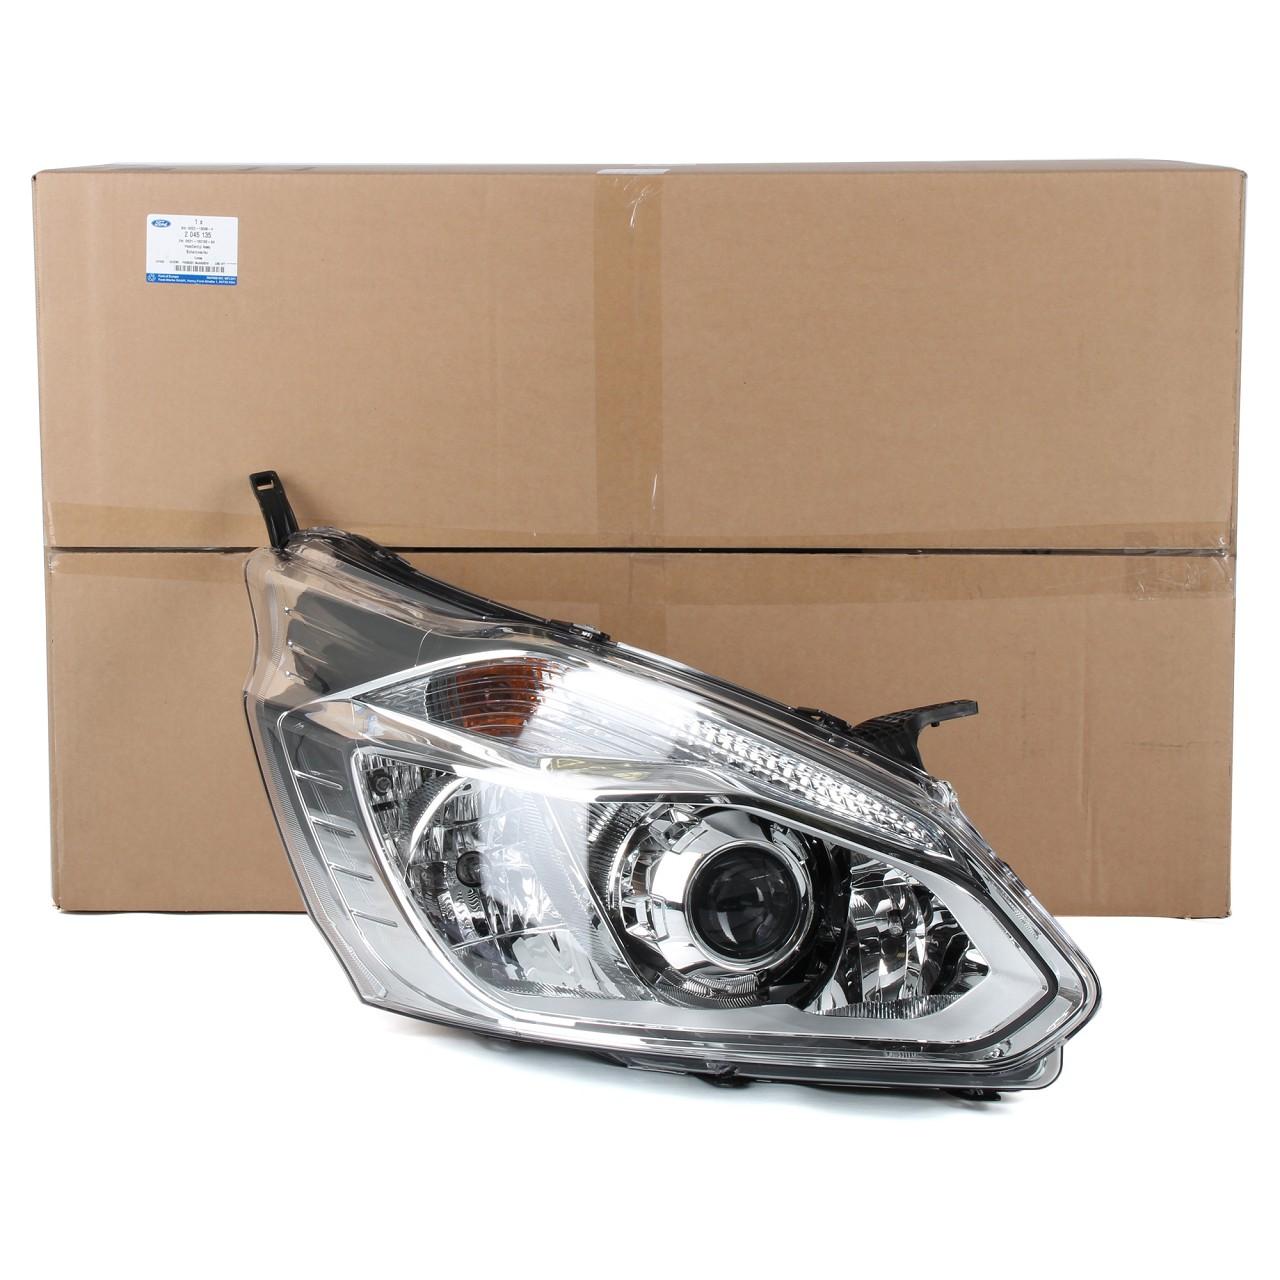 ORIGINAL Ford Scheinwerfer HALOGEN für TOURNEO / TRANSIT CUSTOM rechts 2045135